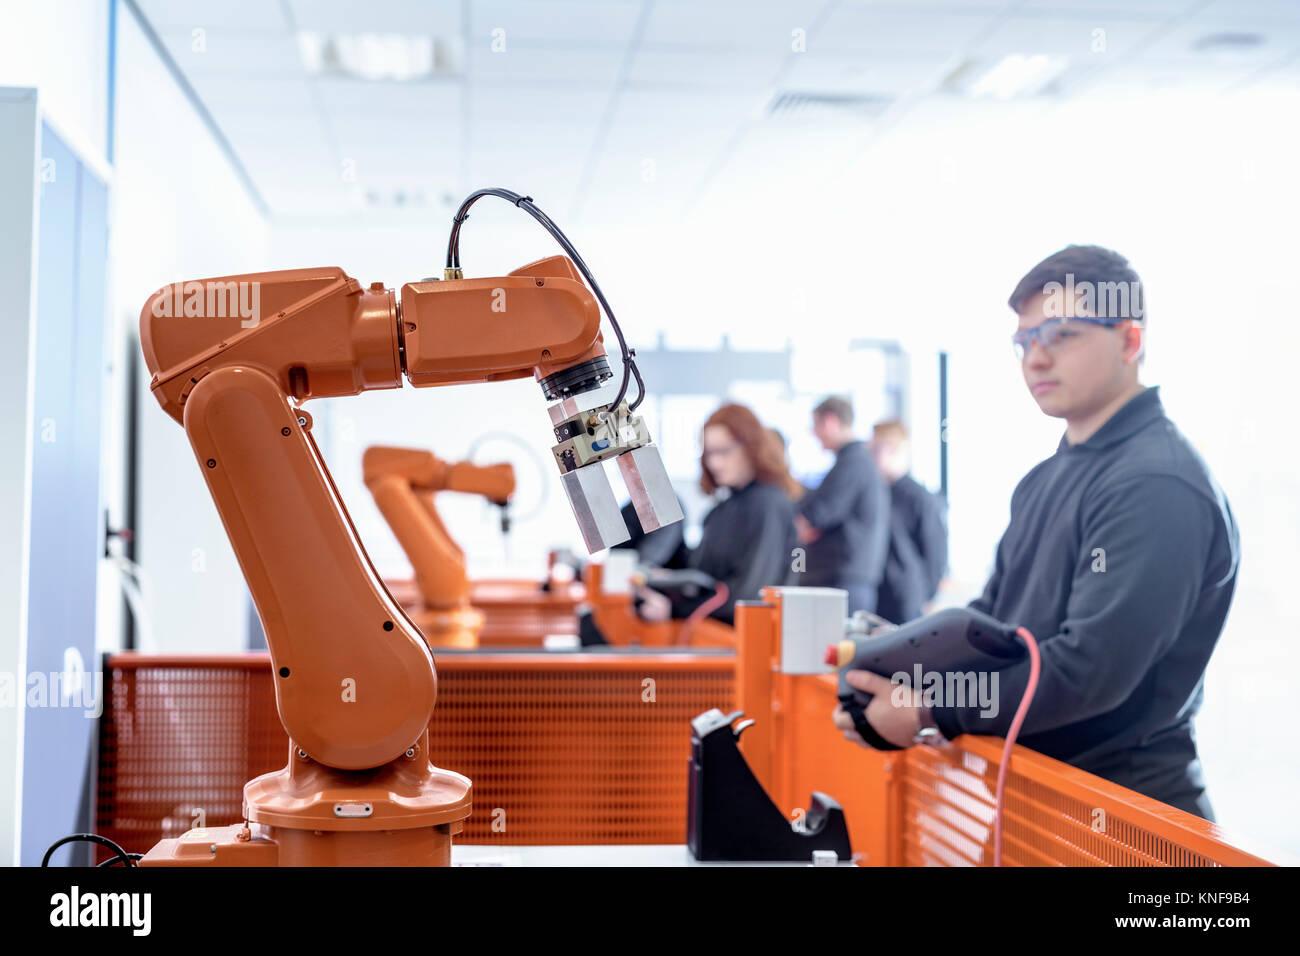 Robotik Lehrling mit Roboter in der Robotik facility Stockbild